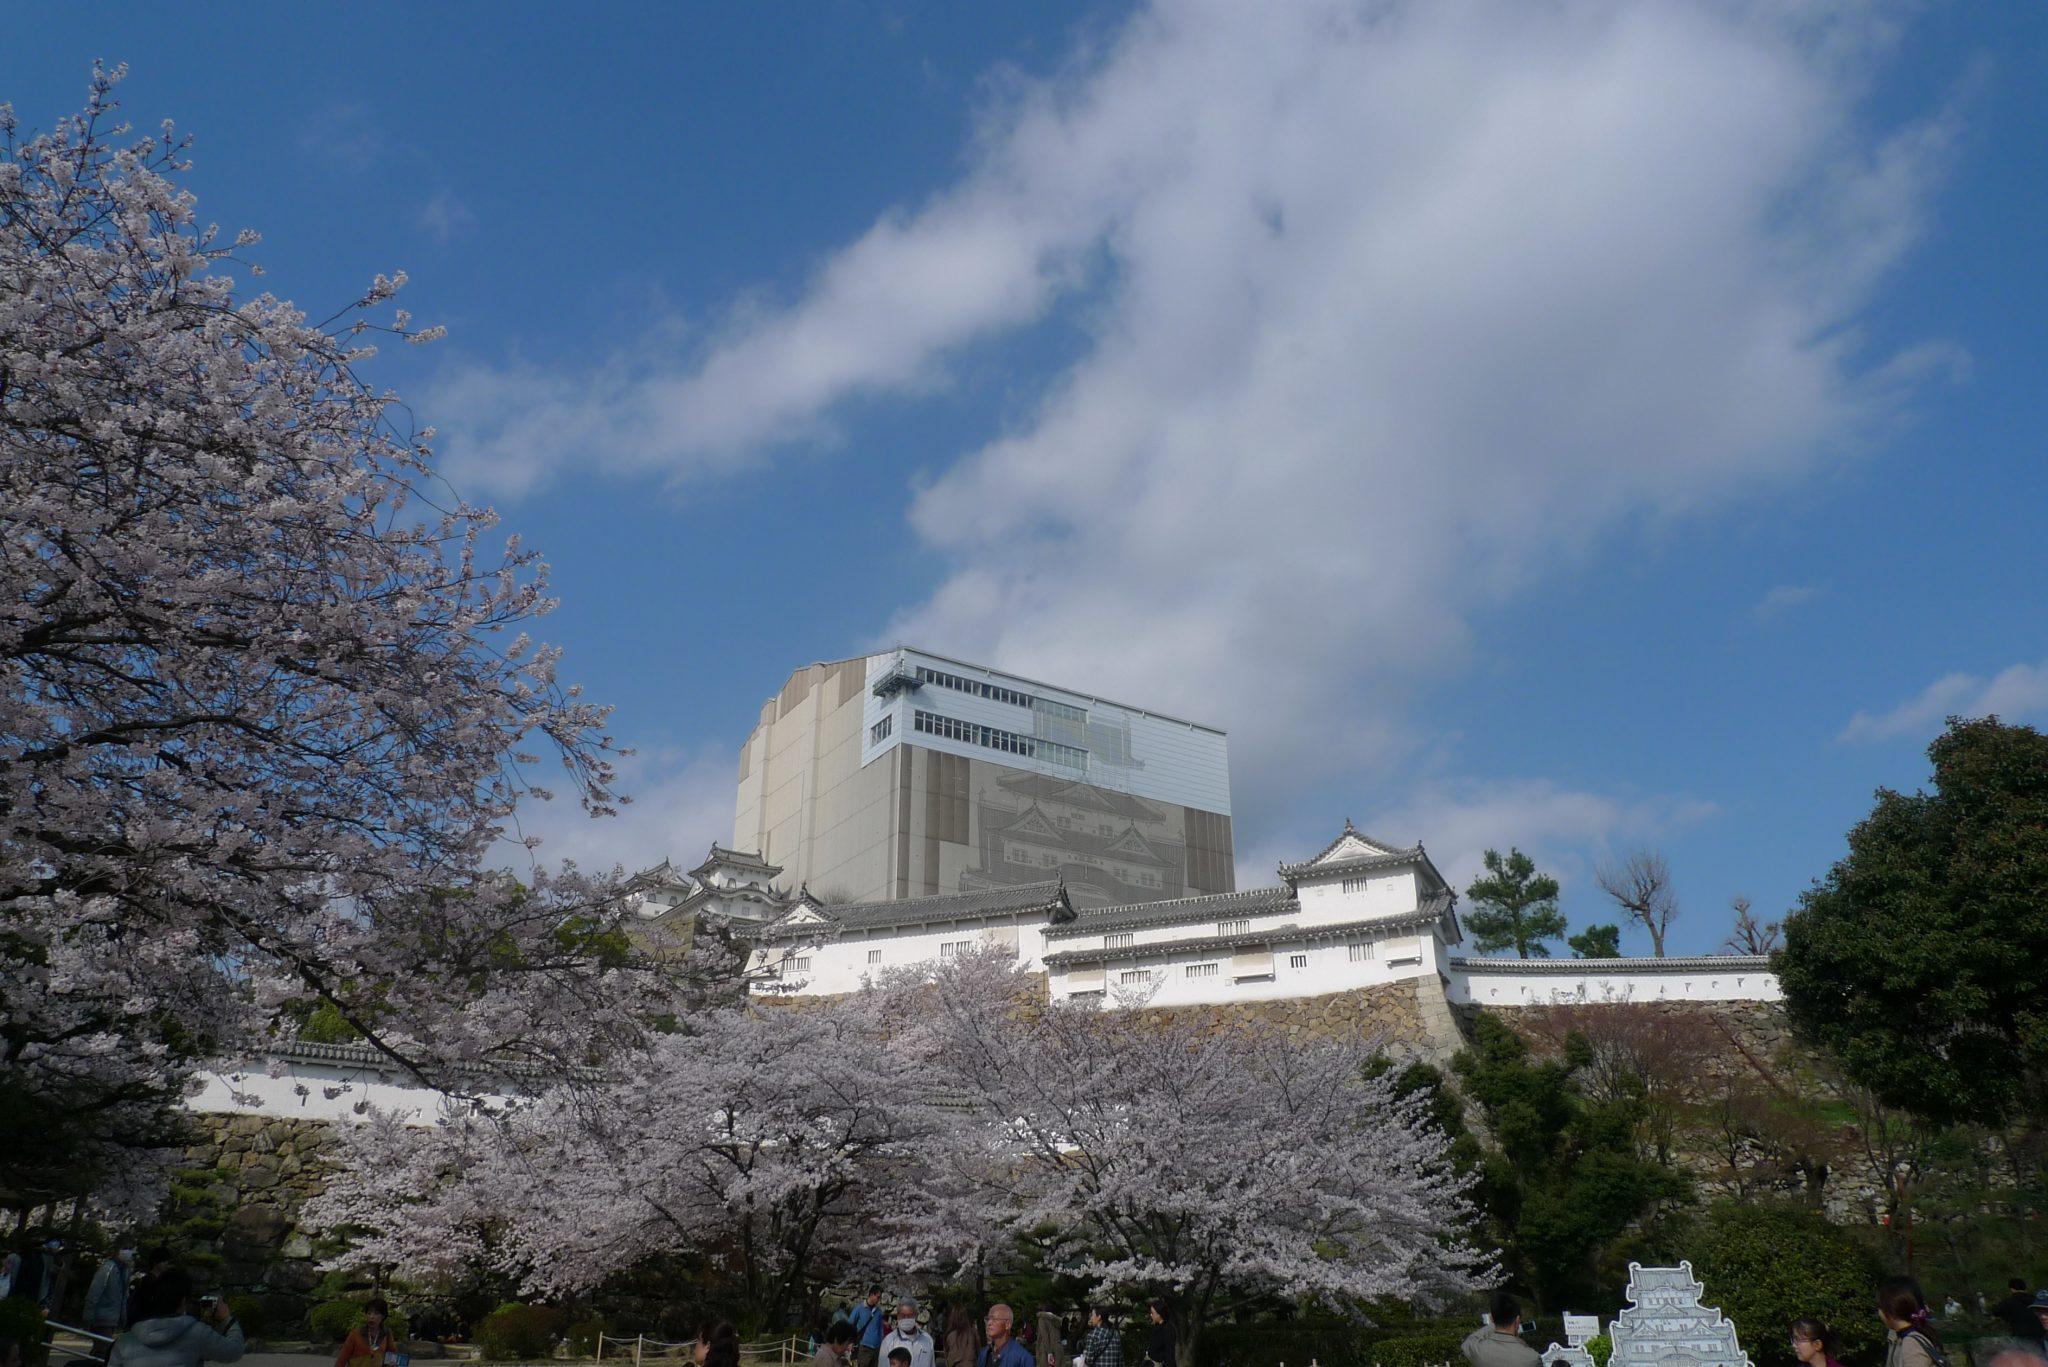 大阪自由行-大阪景點-大阪機加酒如果腳力有限,不能爬上六層高的天守閣可以選擇坐在公園裡欣賞